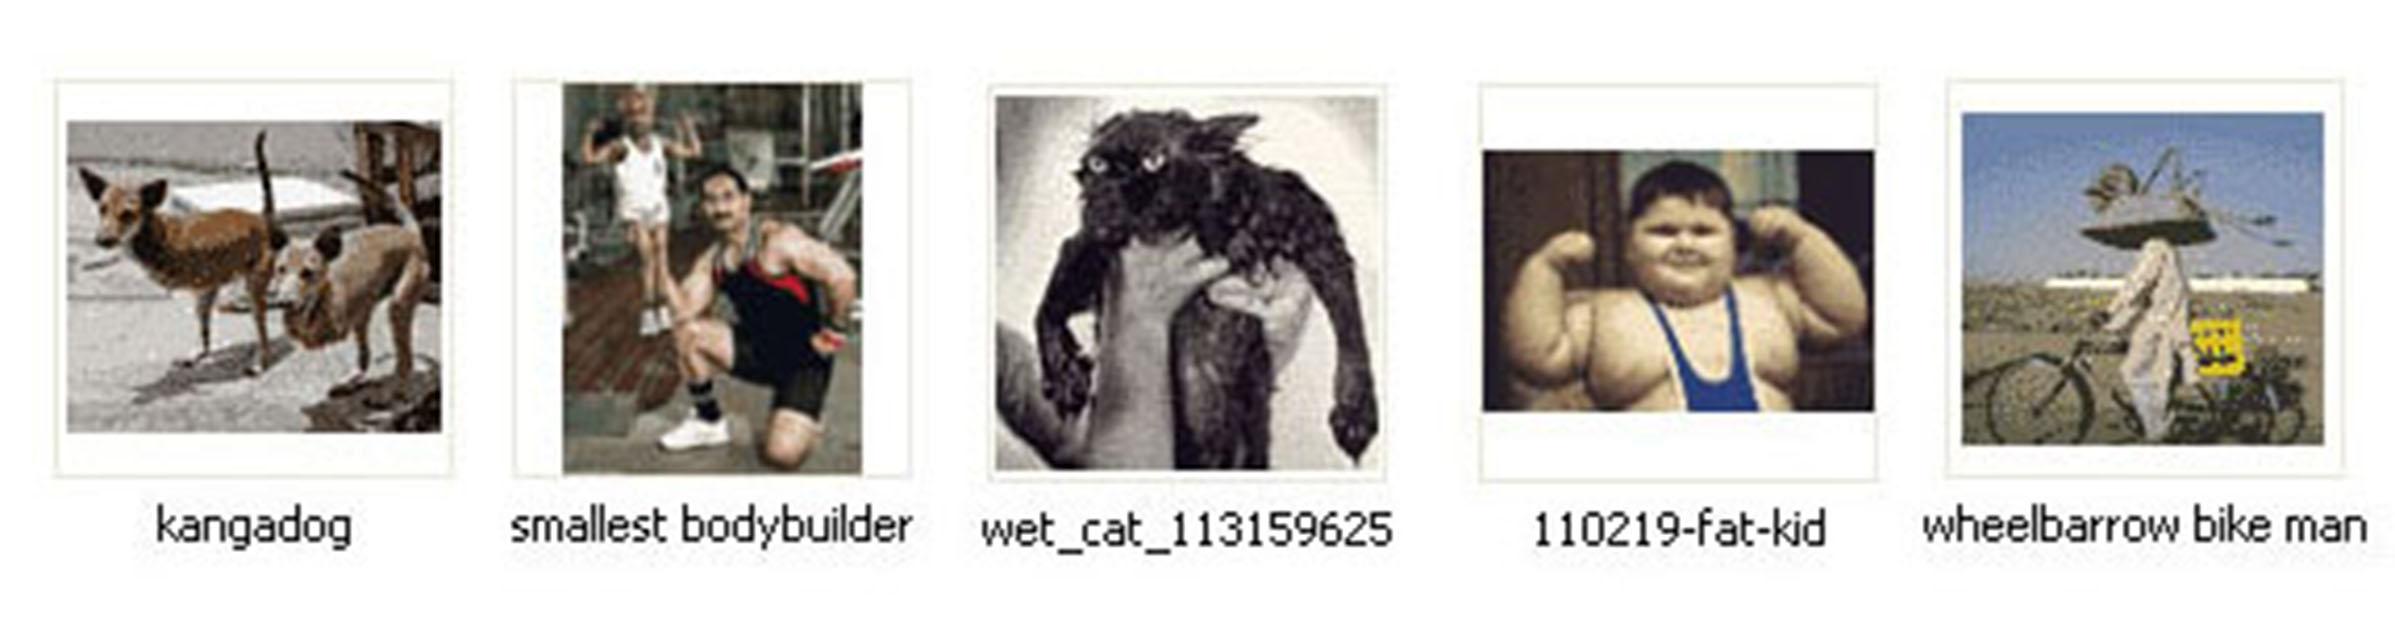 5 internet images